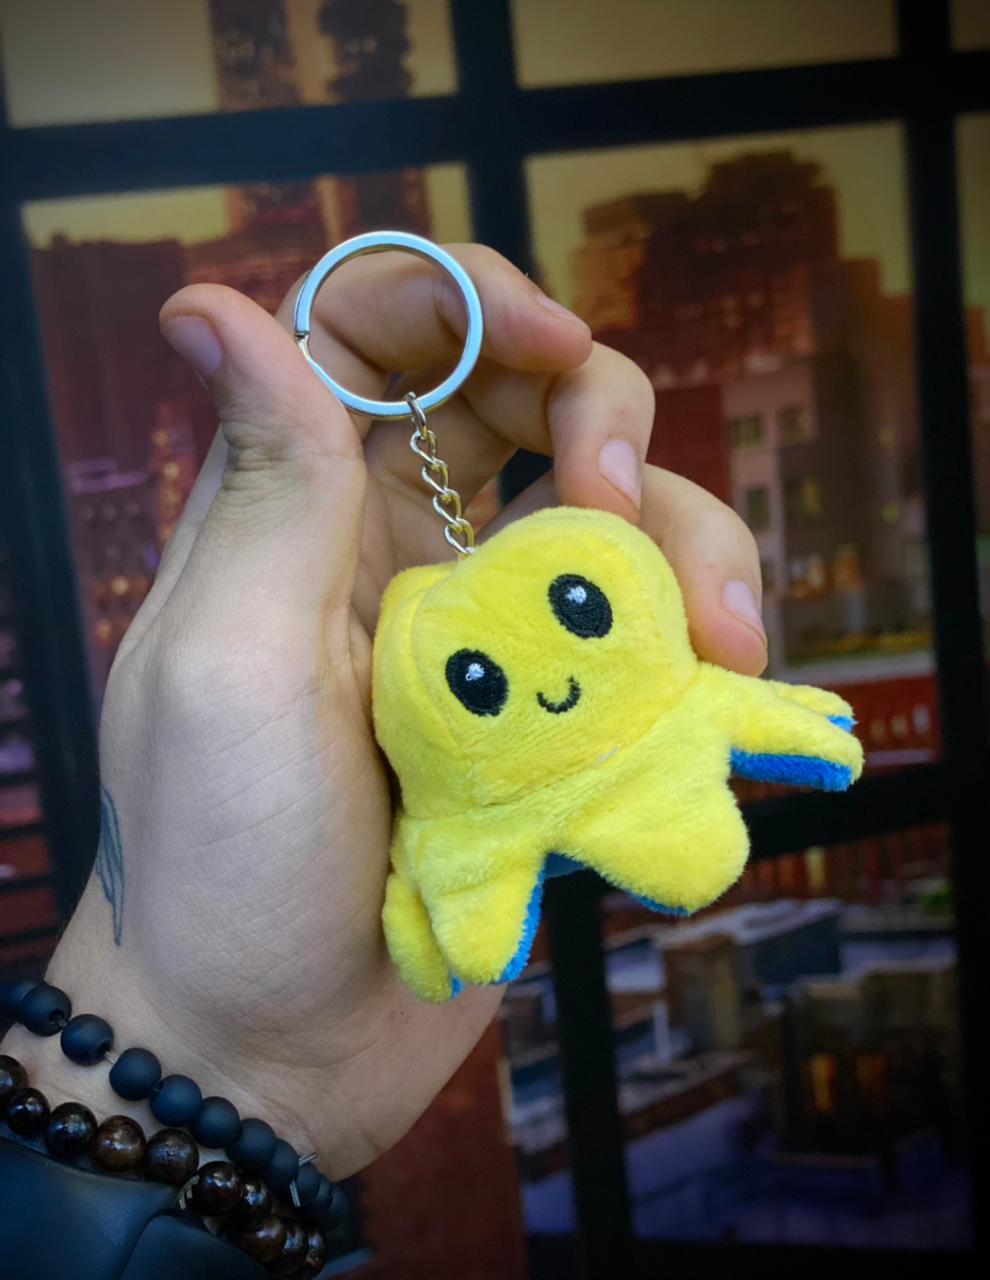 Chaveiro Pelucia Do Humor Polvo Flip Reversivel Amarelo e Azul: Kawaii Brinquedo Tik Tok 5cm